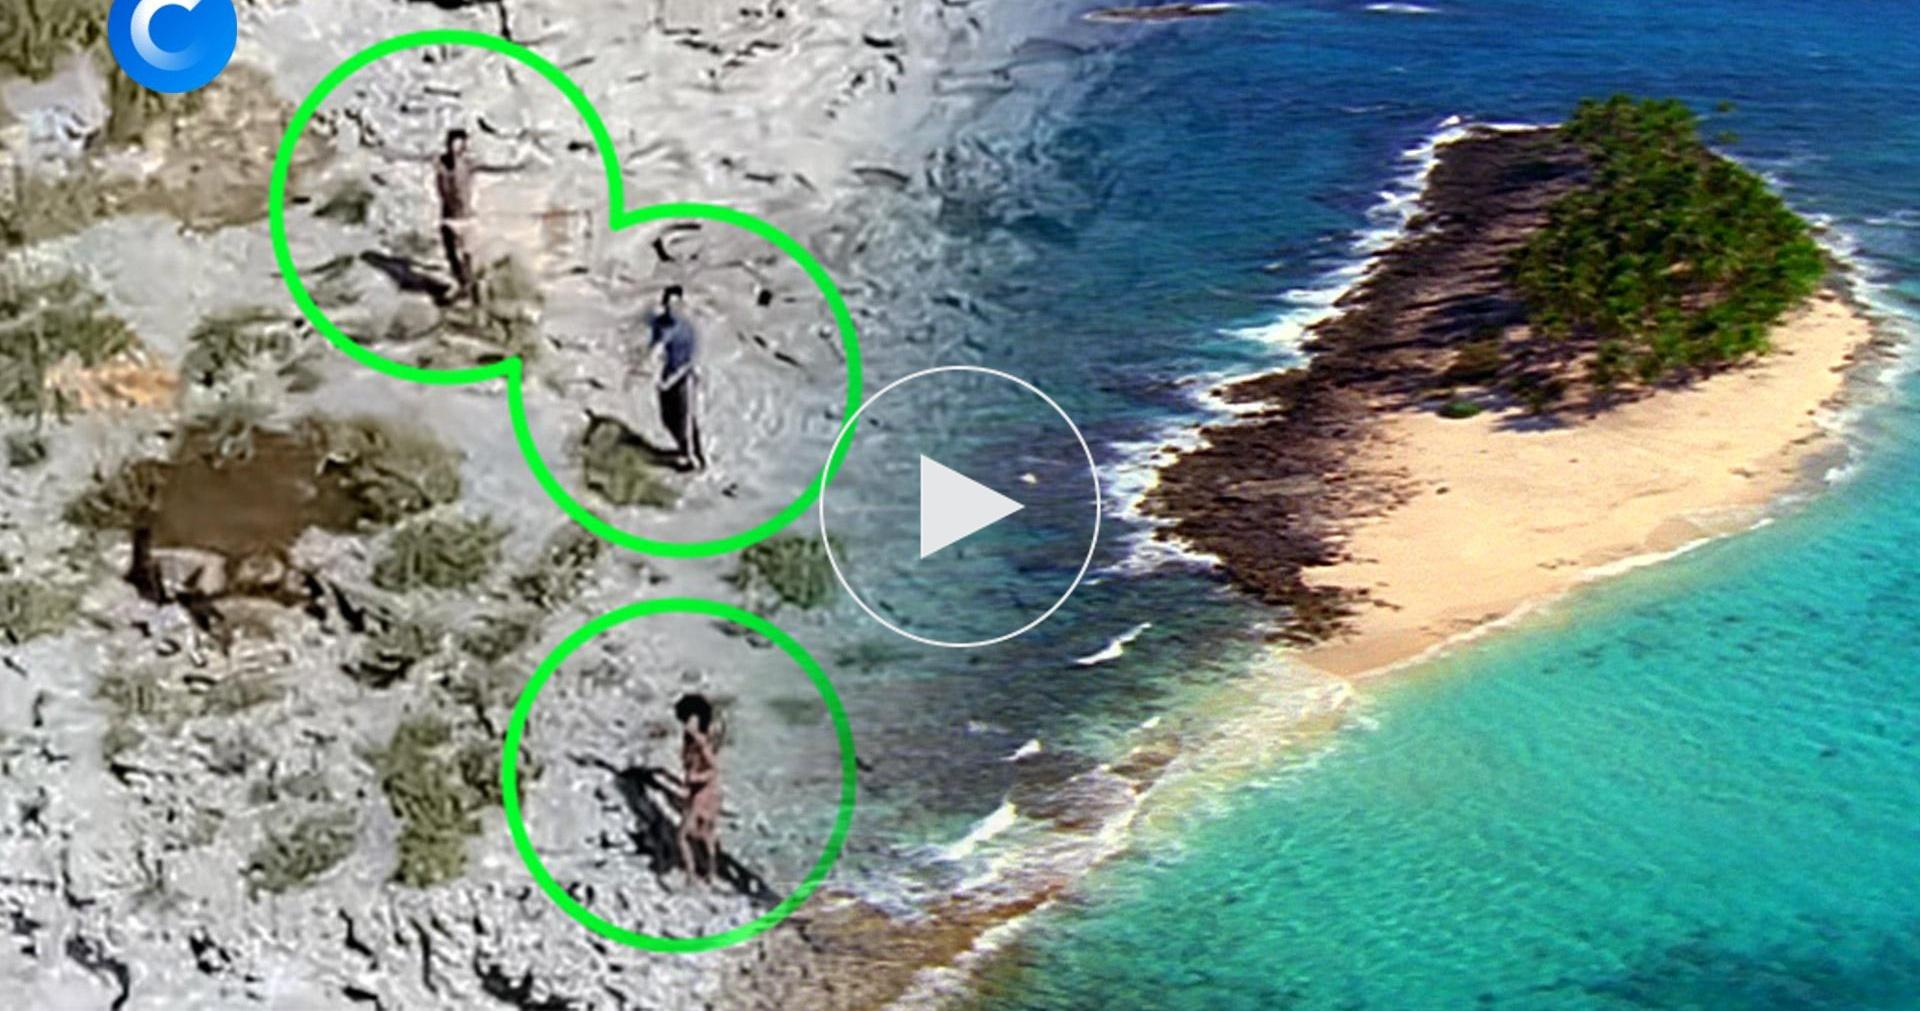 Трое человек месяц выживали на необитаемом острове